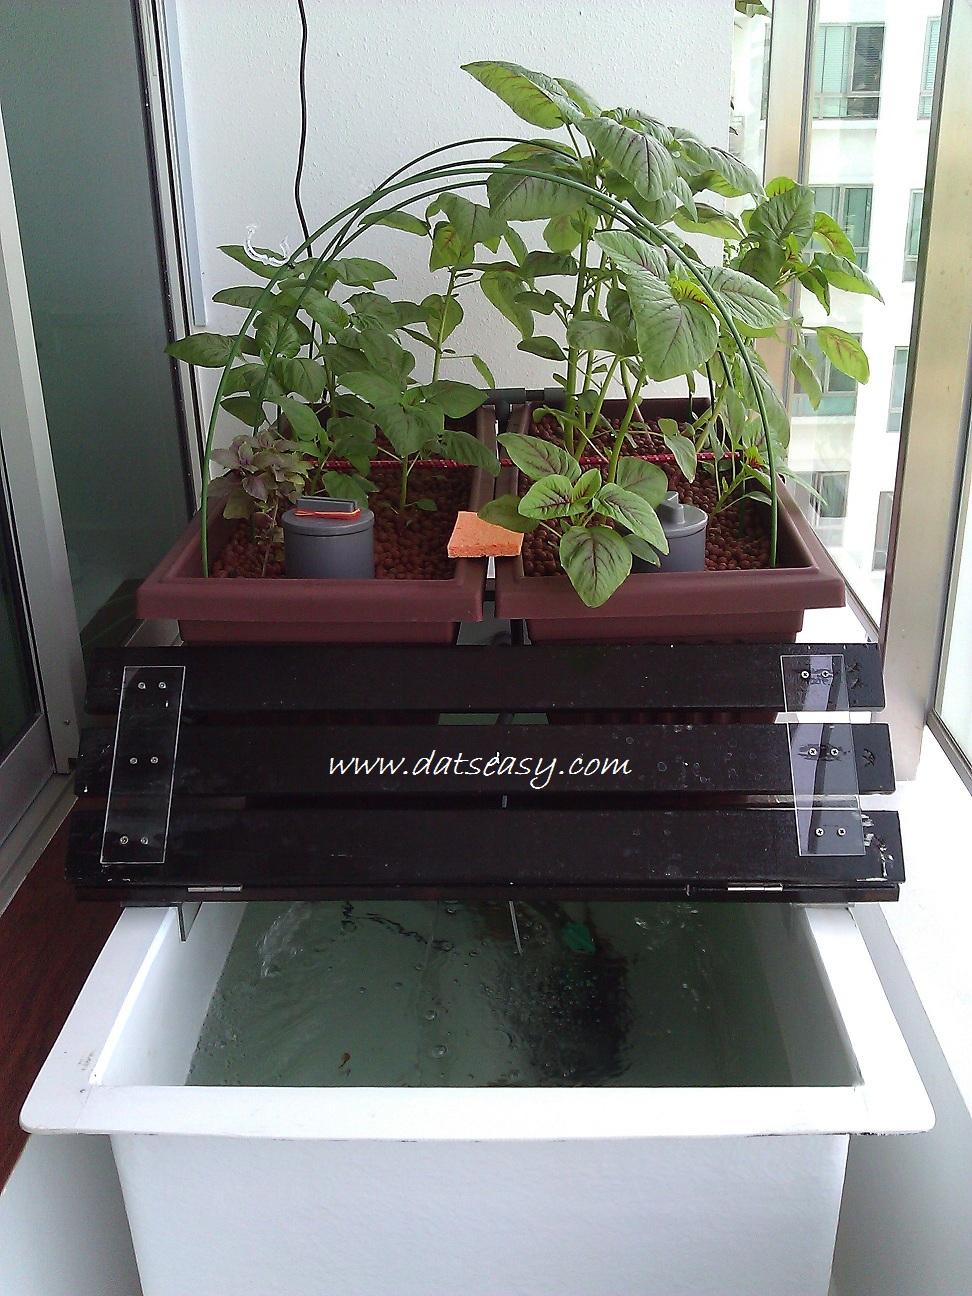 Datseasy my project aquaponics setup at balcony for Balcony aquaponics